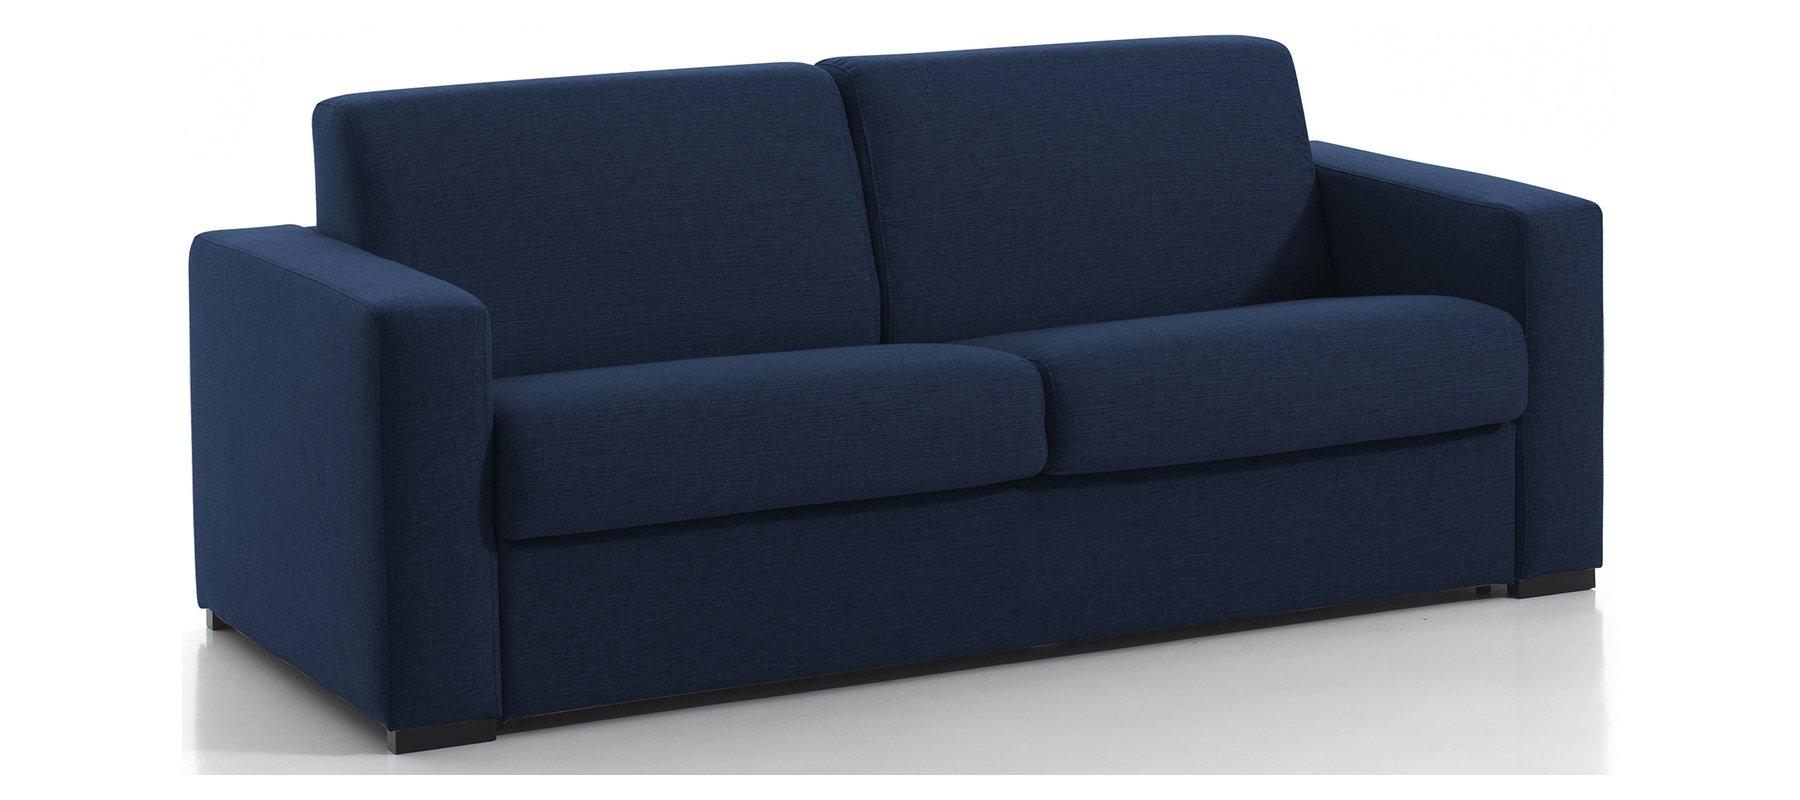 Canapé fixe 3 places MODENA - Largeur 196 cm